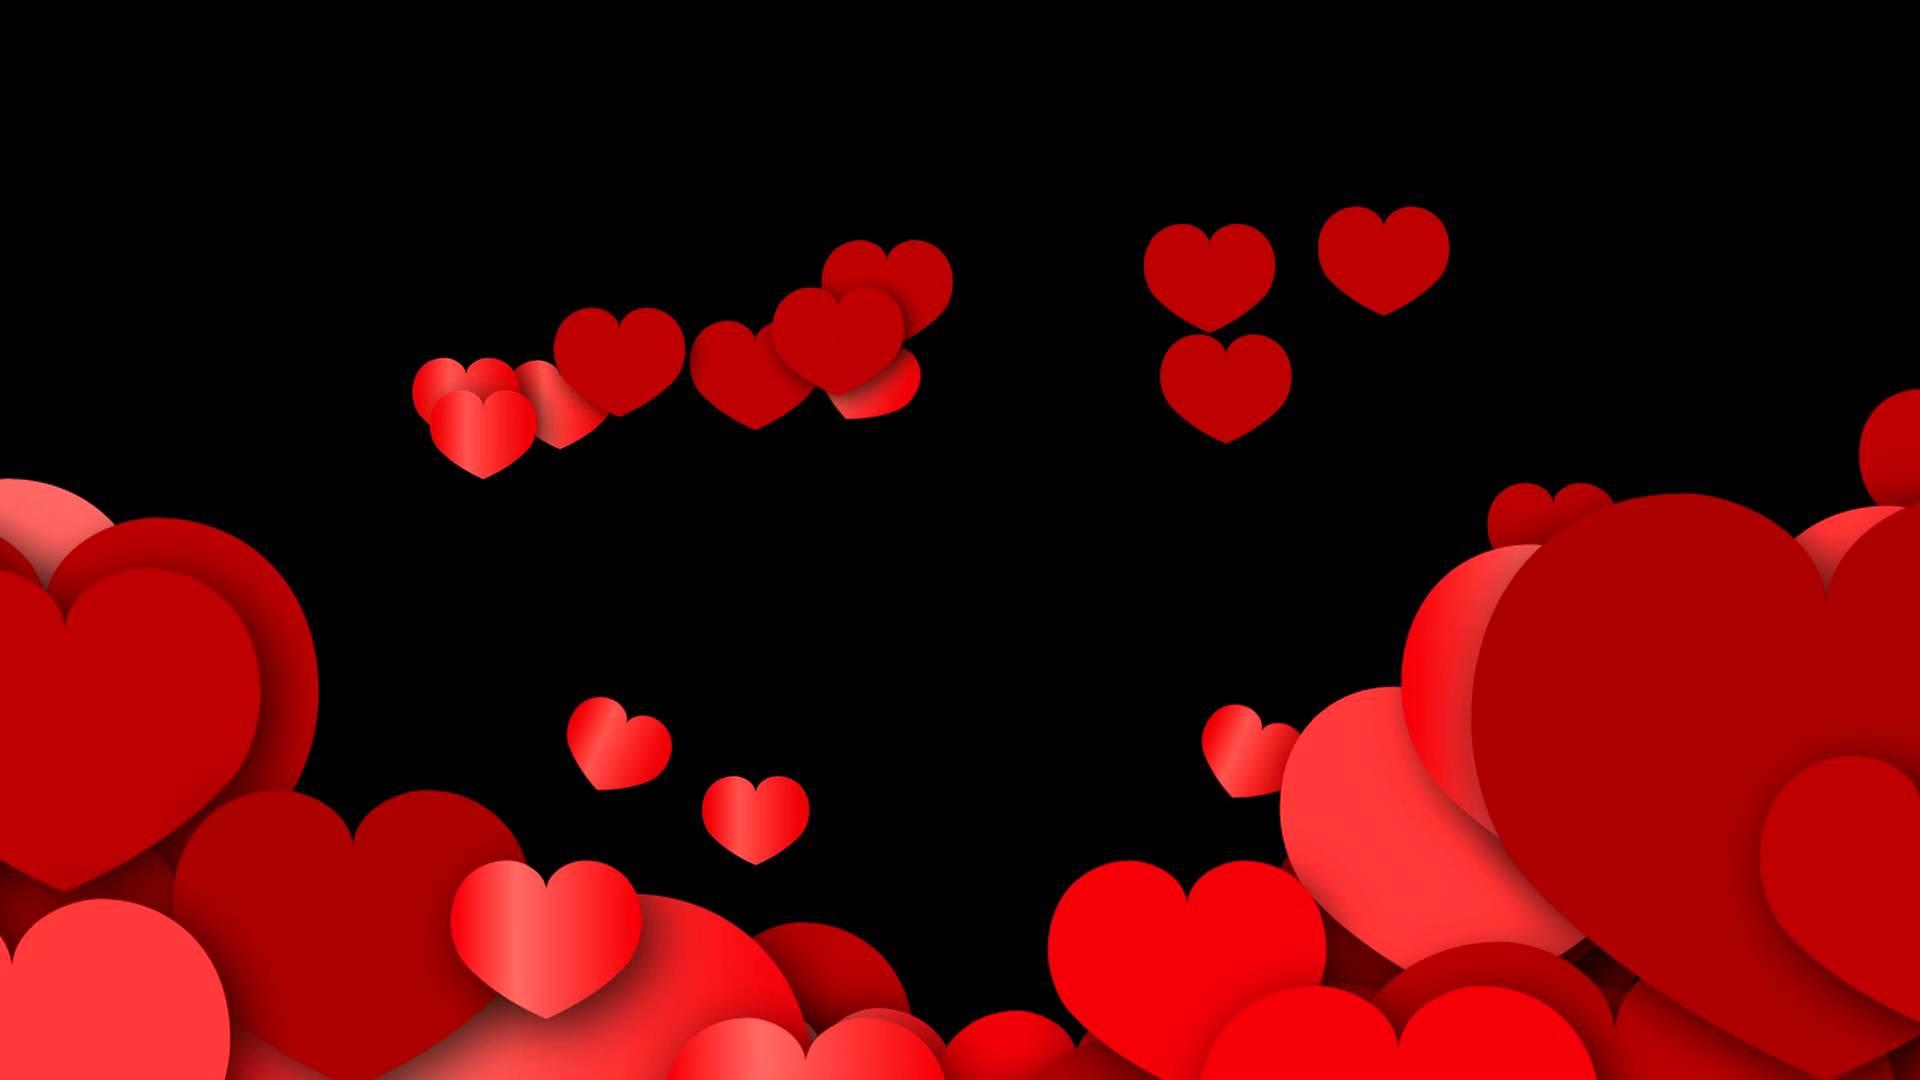 بالصور صور متحركه حب , صور متحركه تجلب لك الحب 1325 4